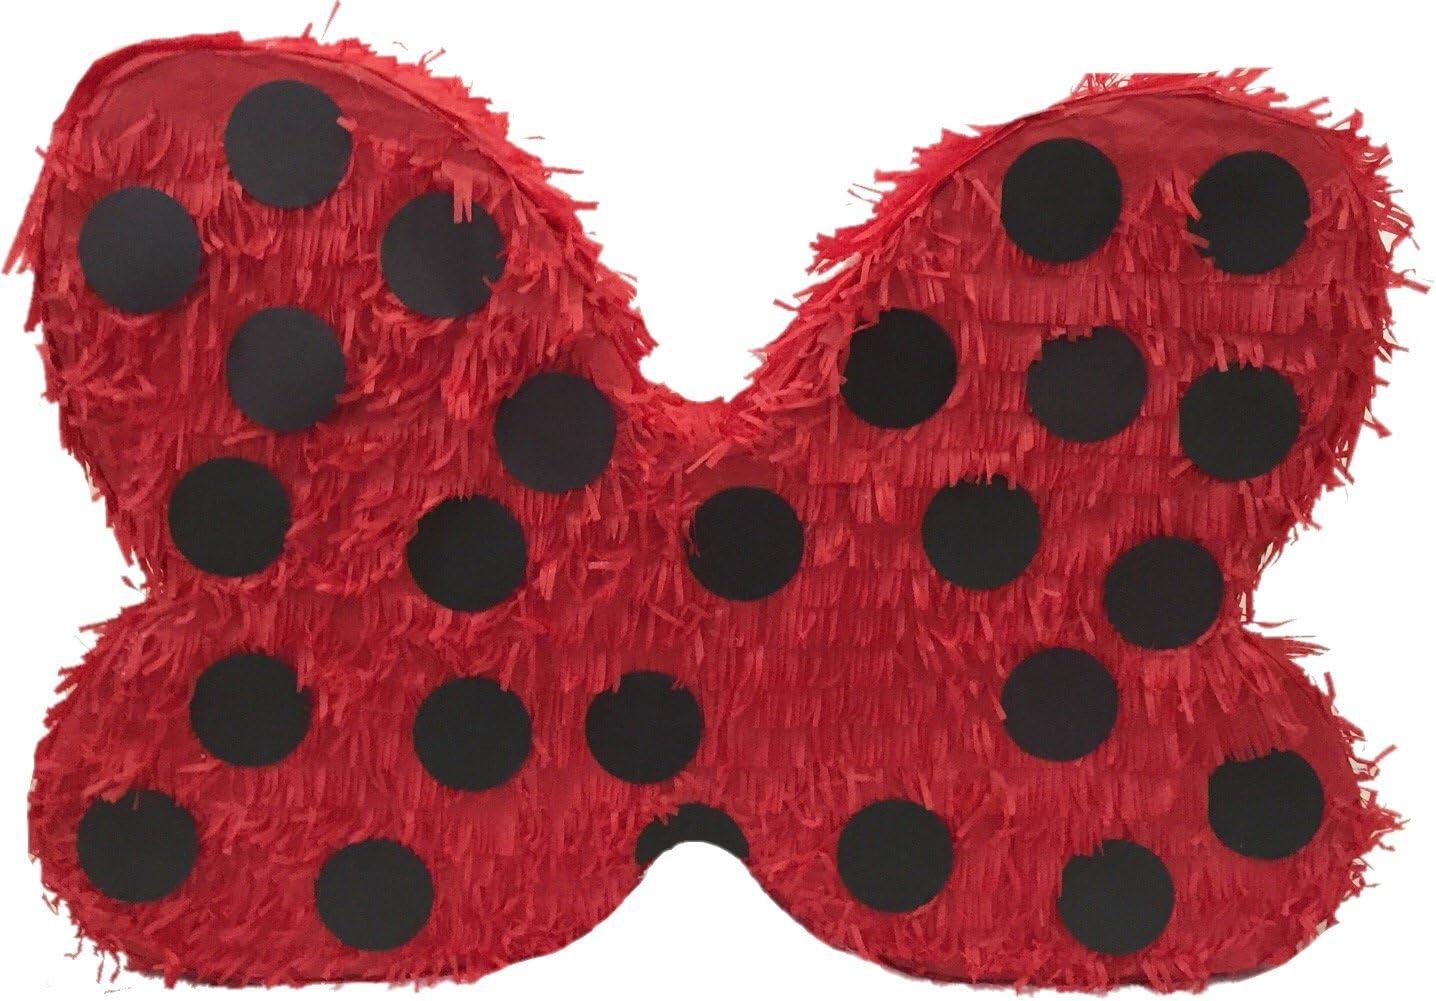 APINATA4U Large Red Bow with Nashville-Davidson Mall Pinata Black Dots Polka service